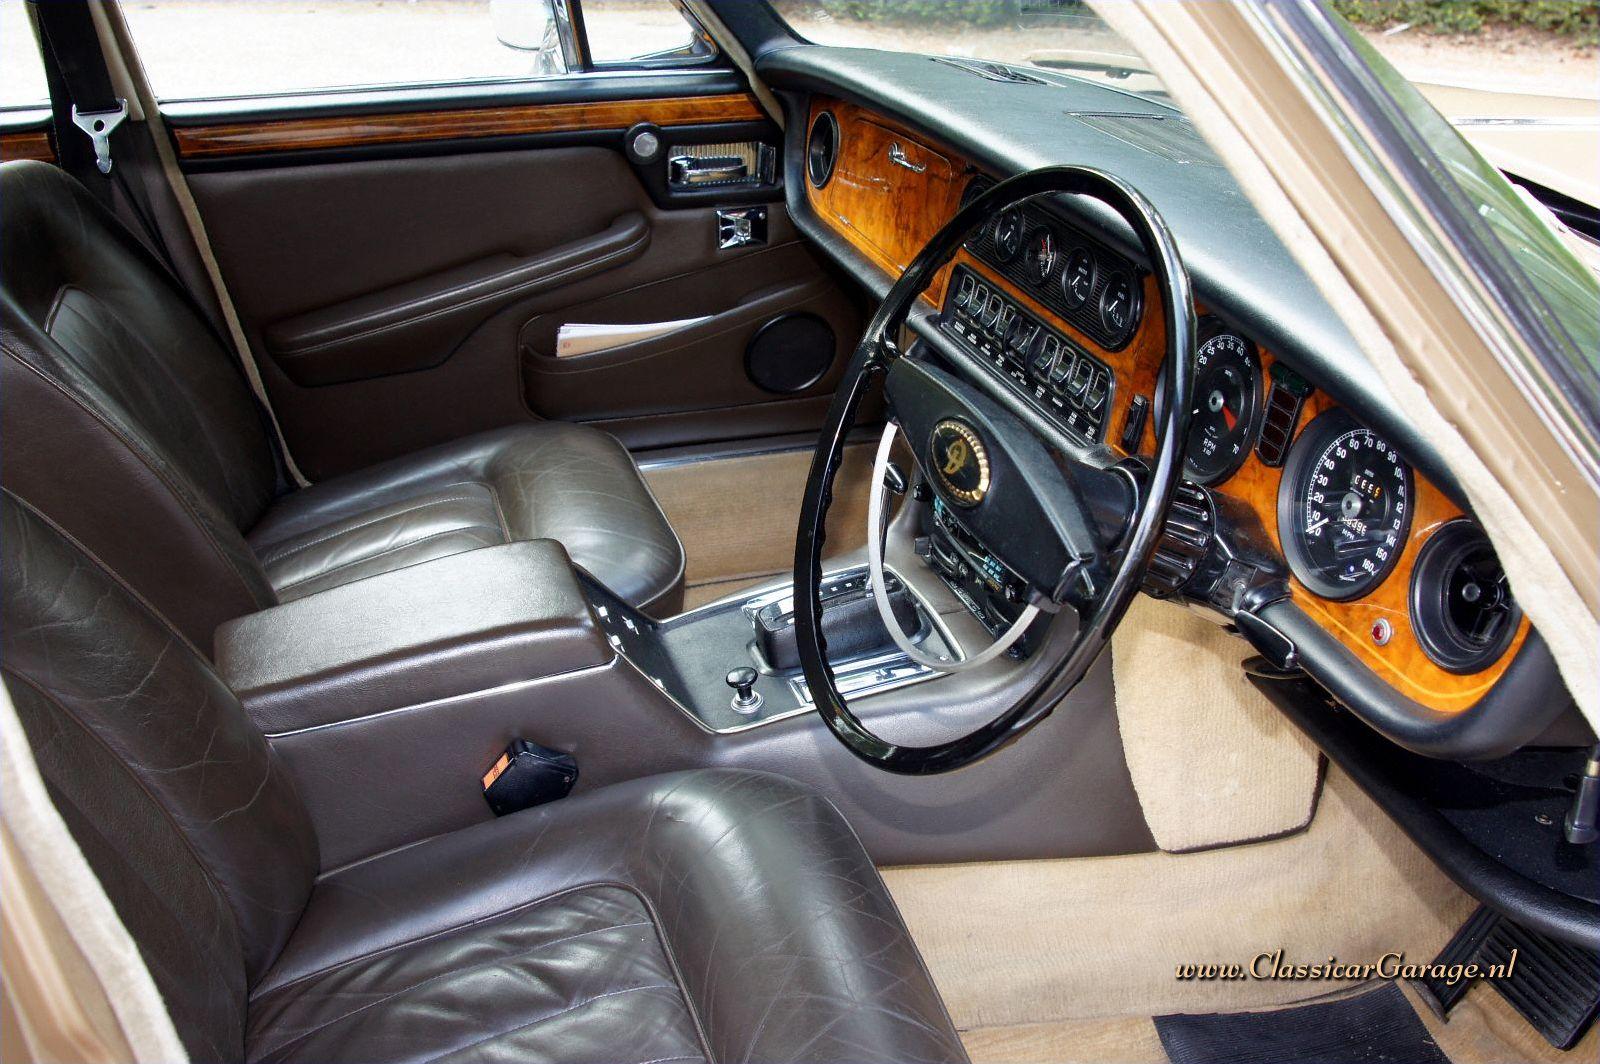 Dainler Double Six Vanden Plas Lwb 1973 Details